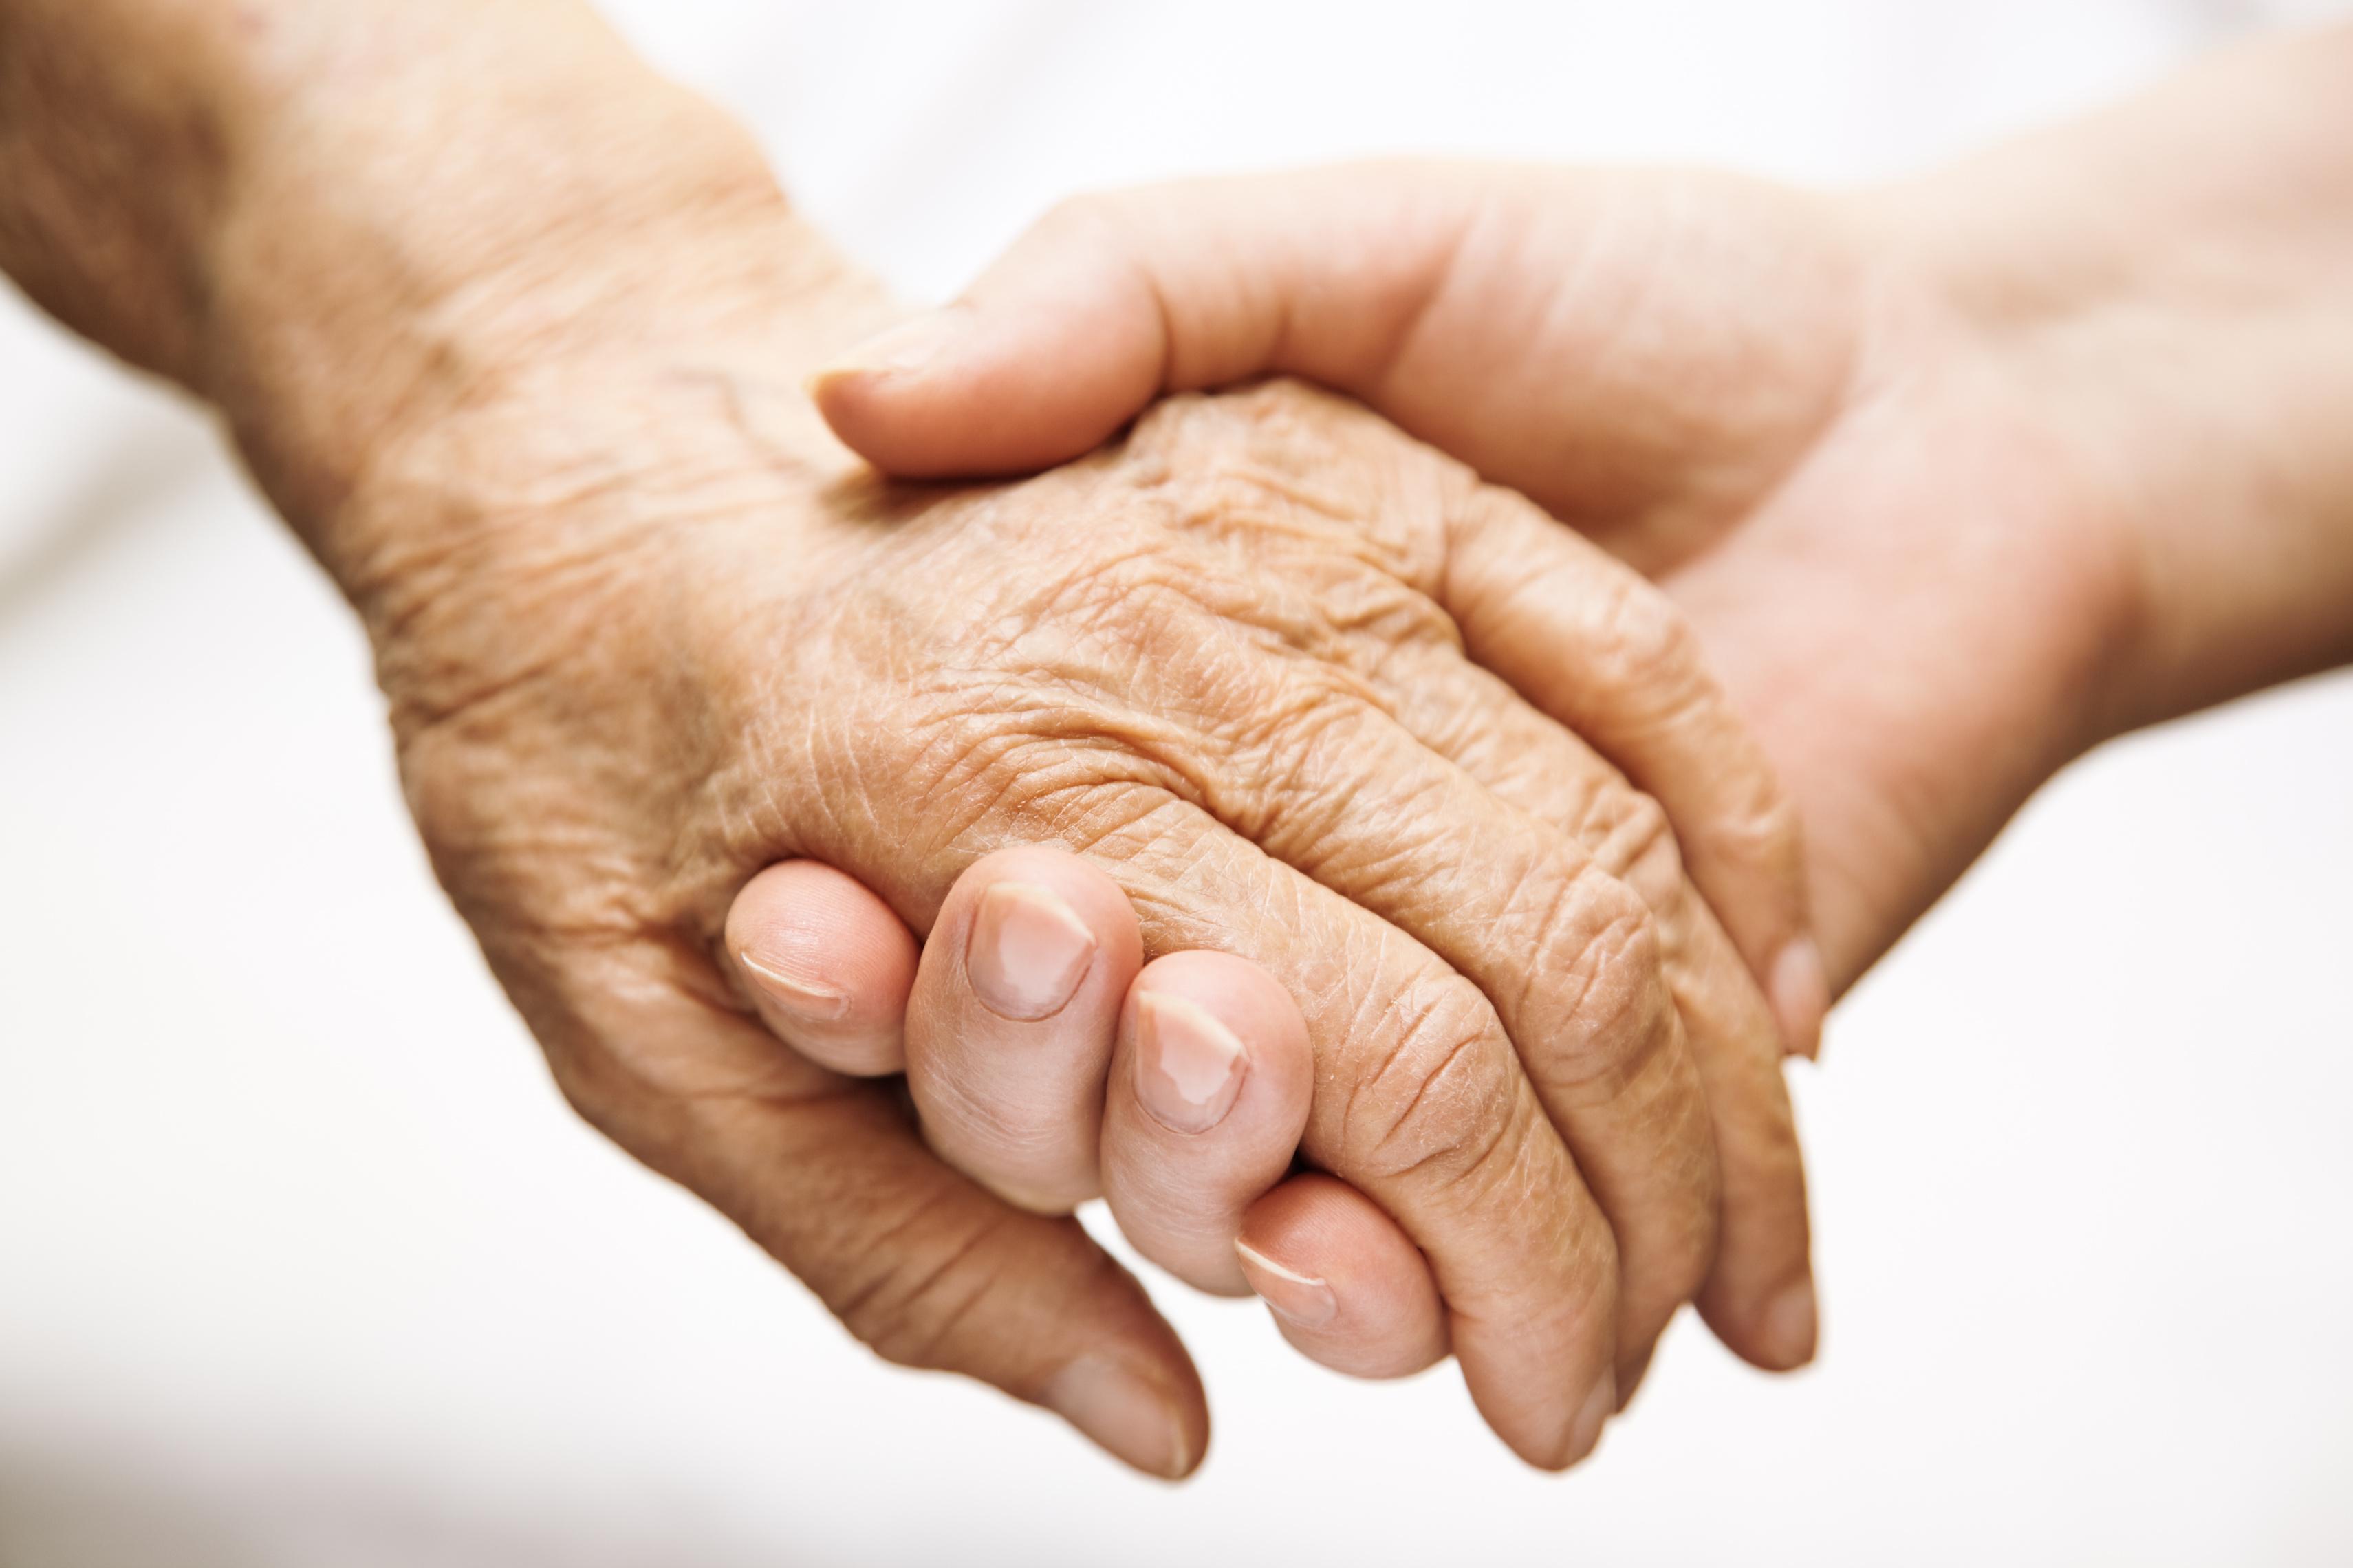 Gute Pflege für Lebenszufriedenheit und ein Miteinander der Generationen